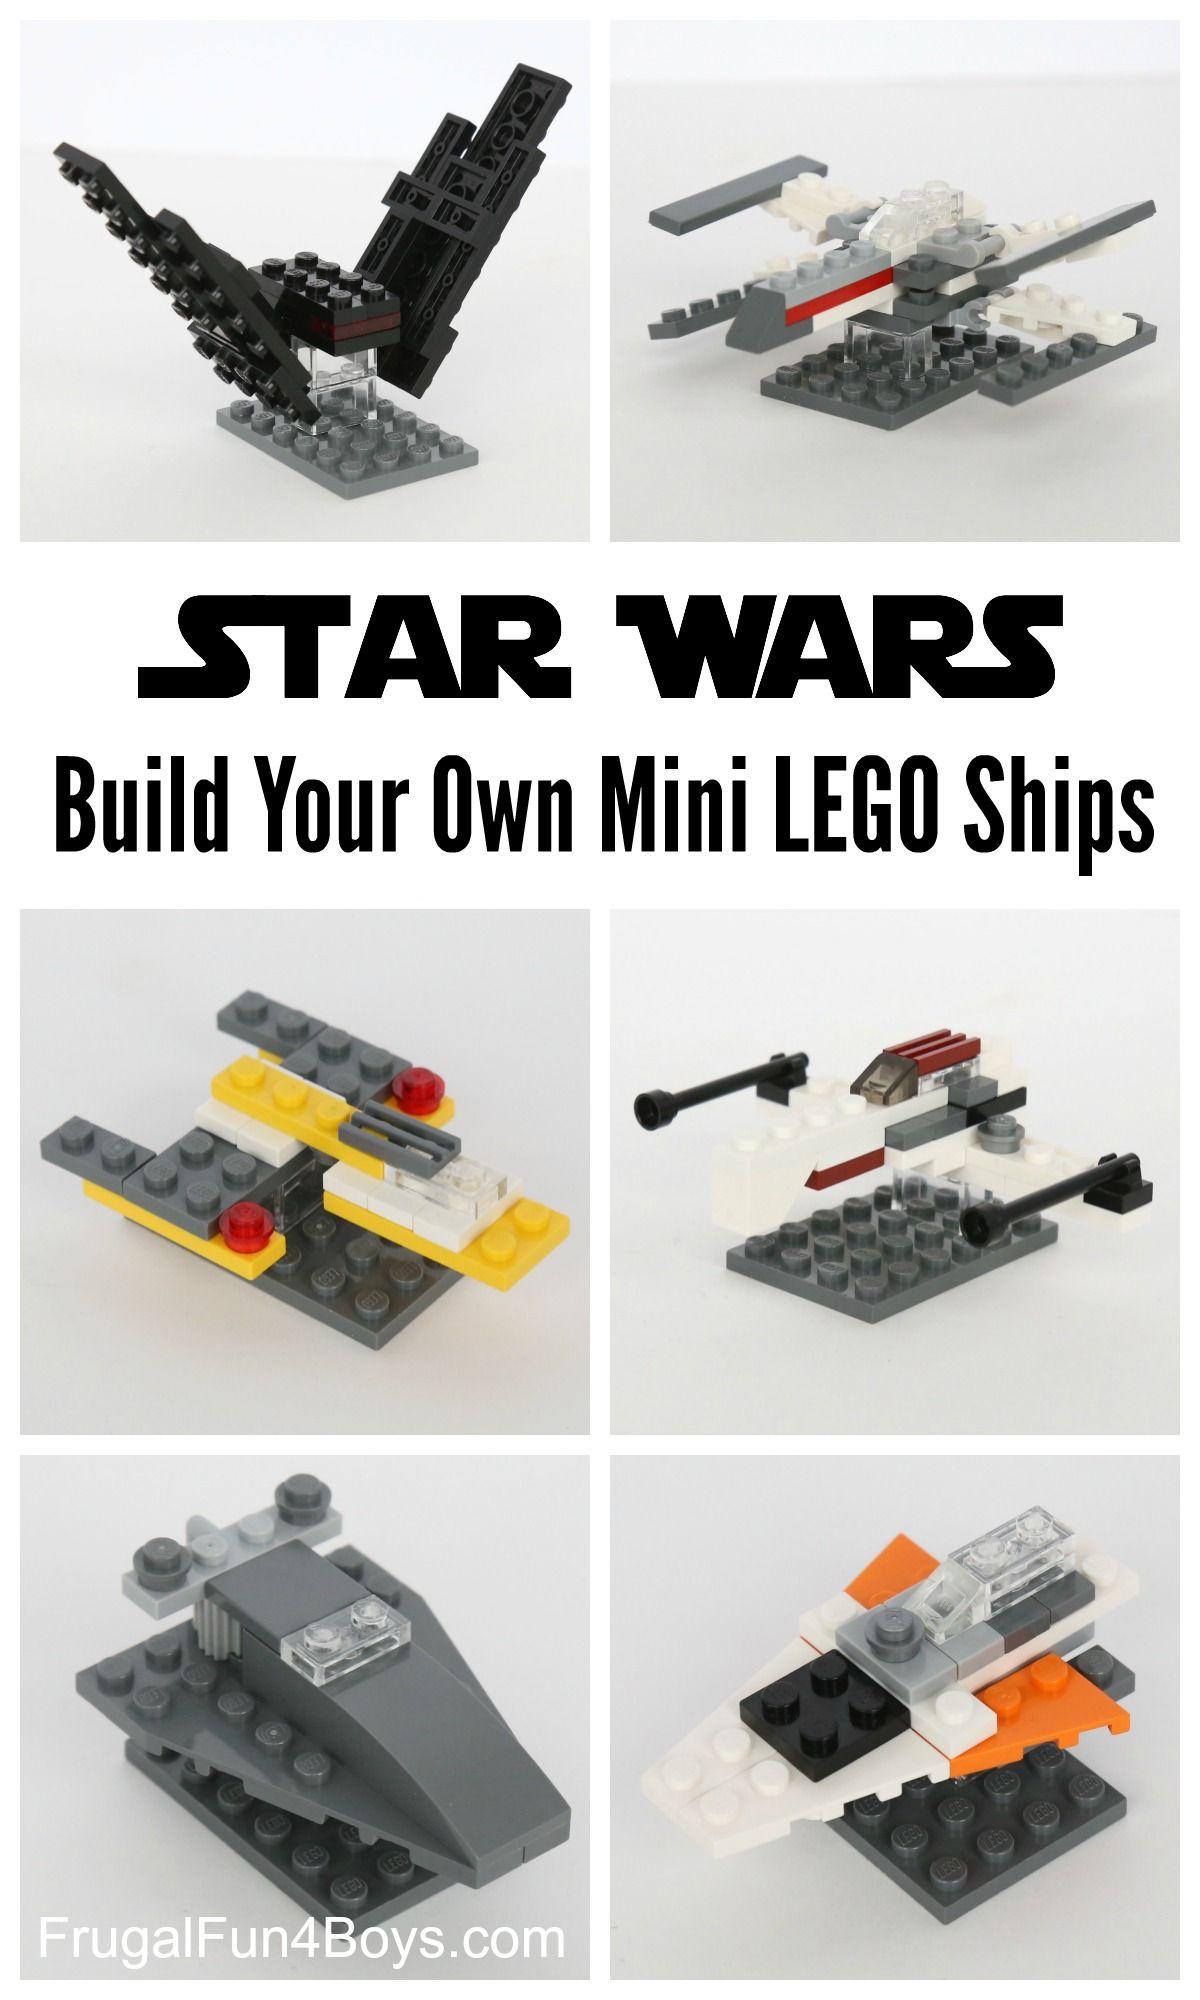 Build Your Own LEGO Mini Star Wars Ships | Star wars ships ...